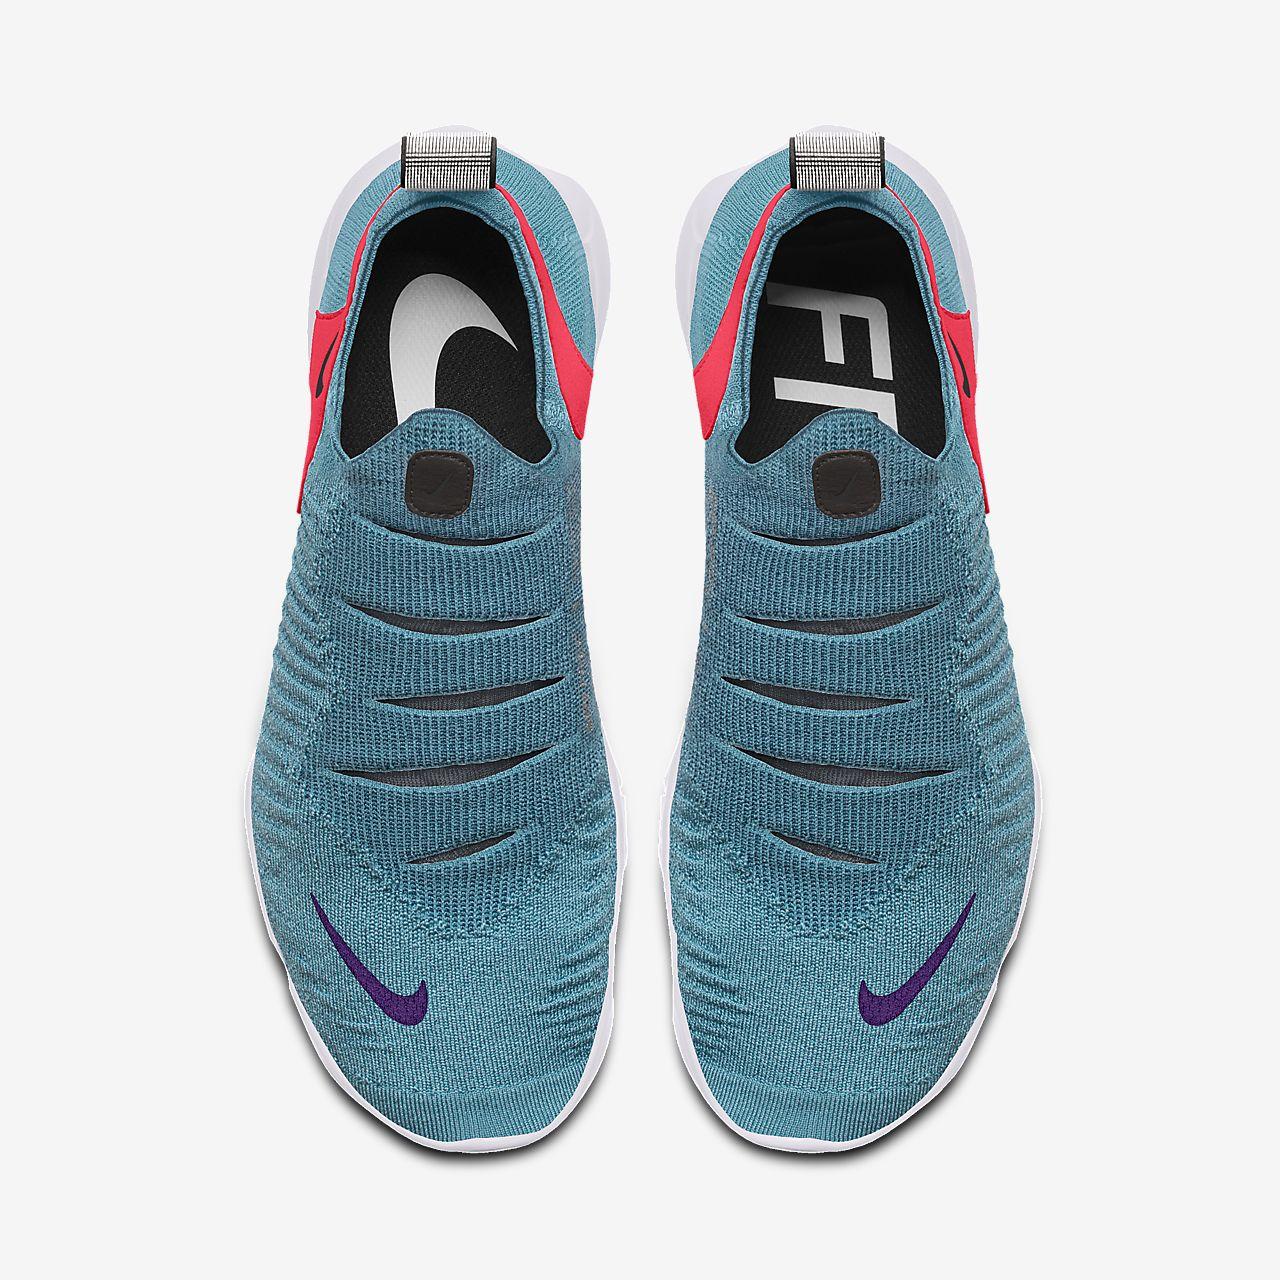 Calzado de running para mujer personalizado Nike Free RN Flyknit 3.0 By You